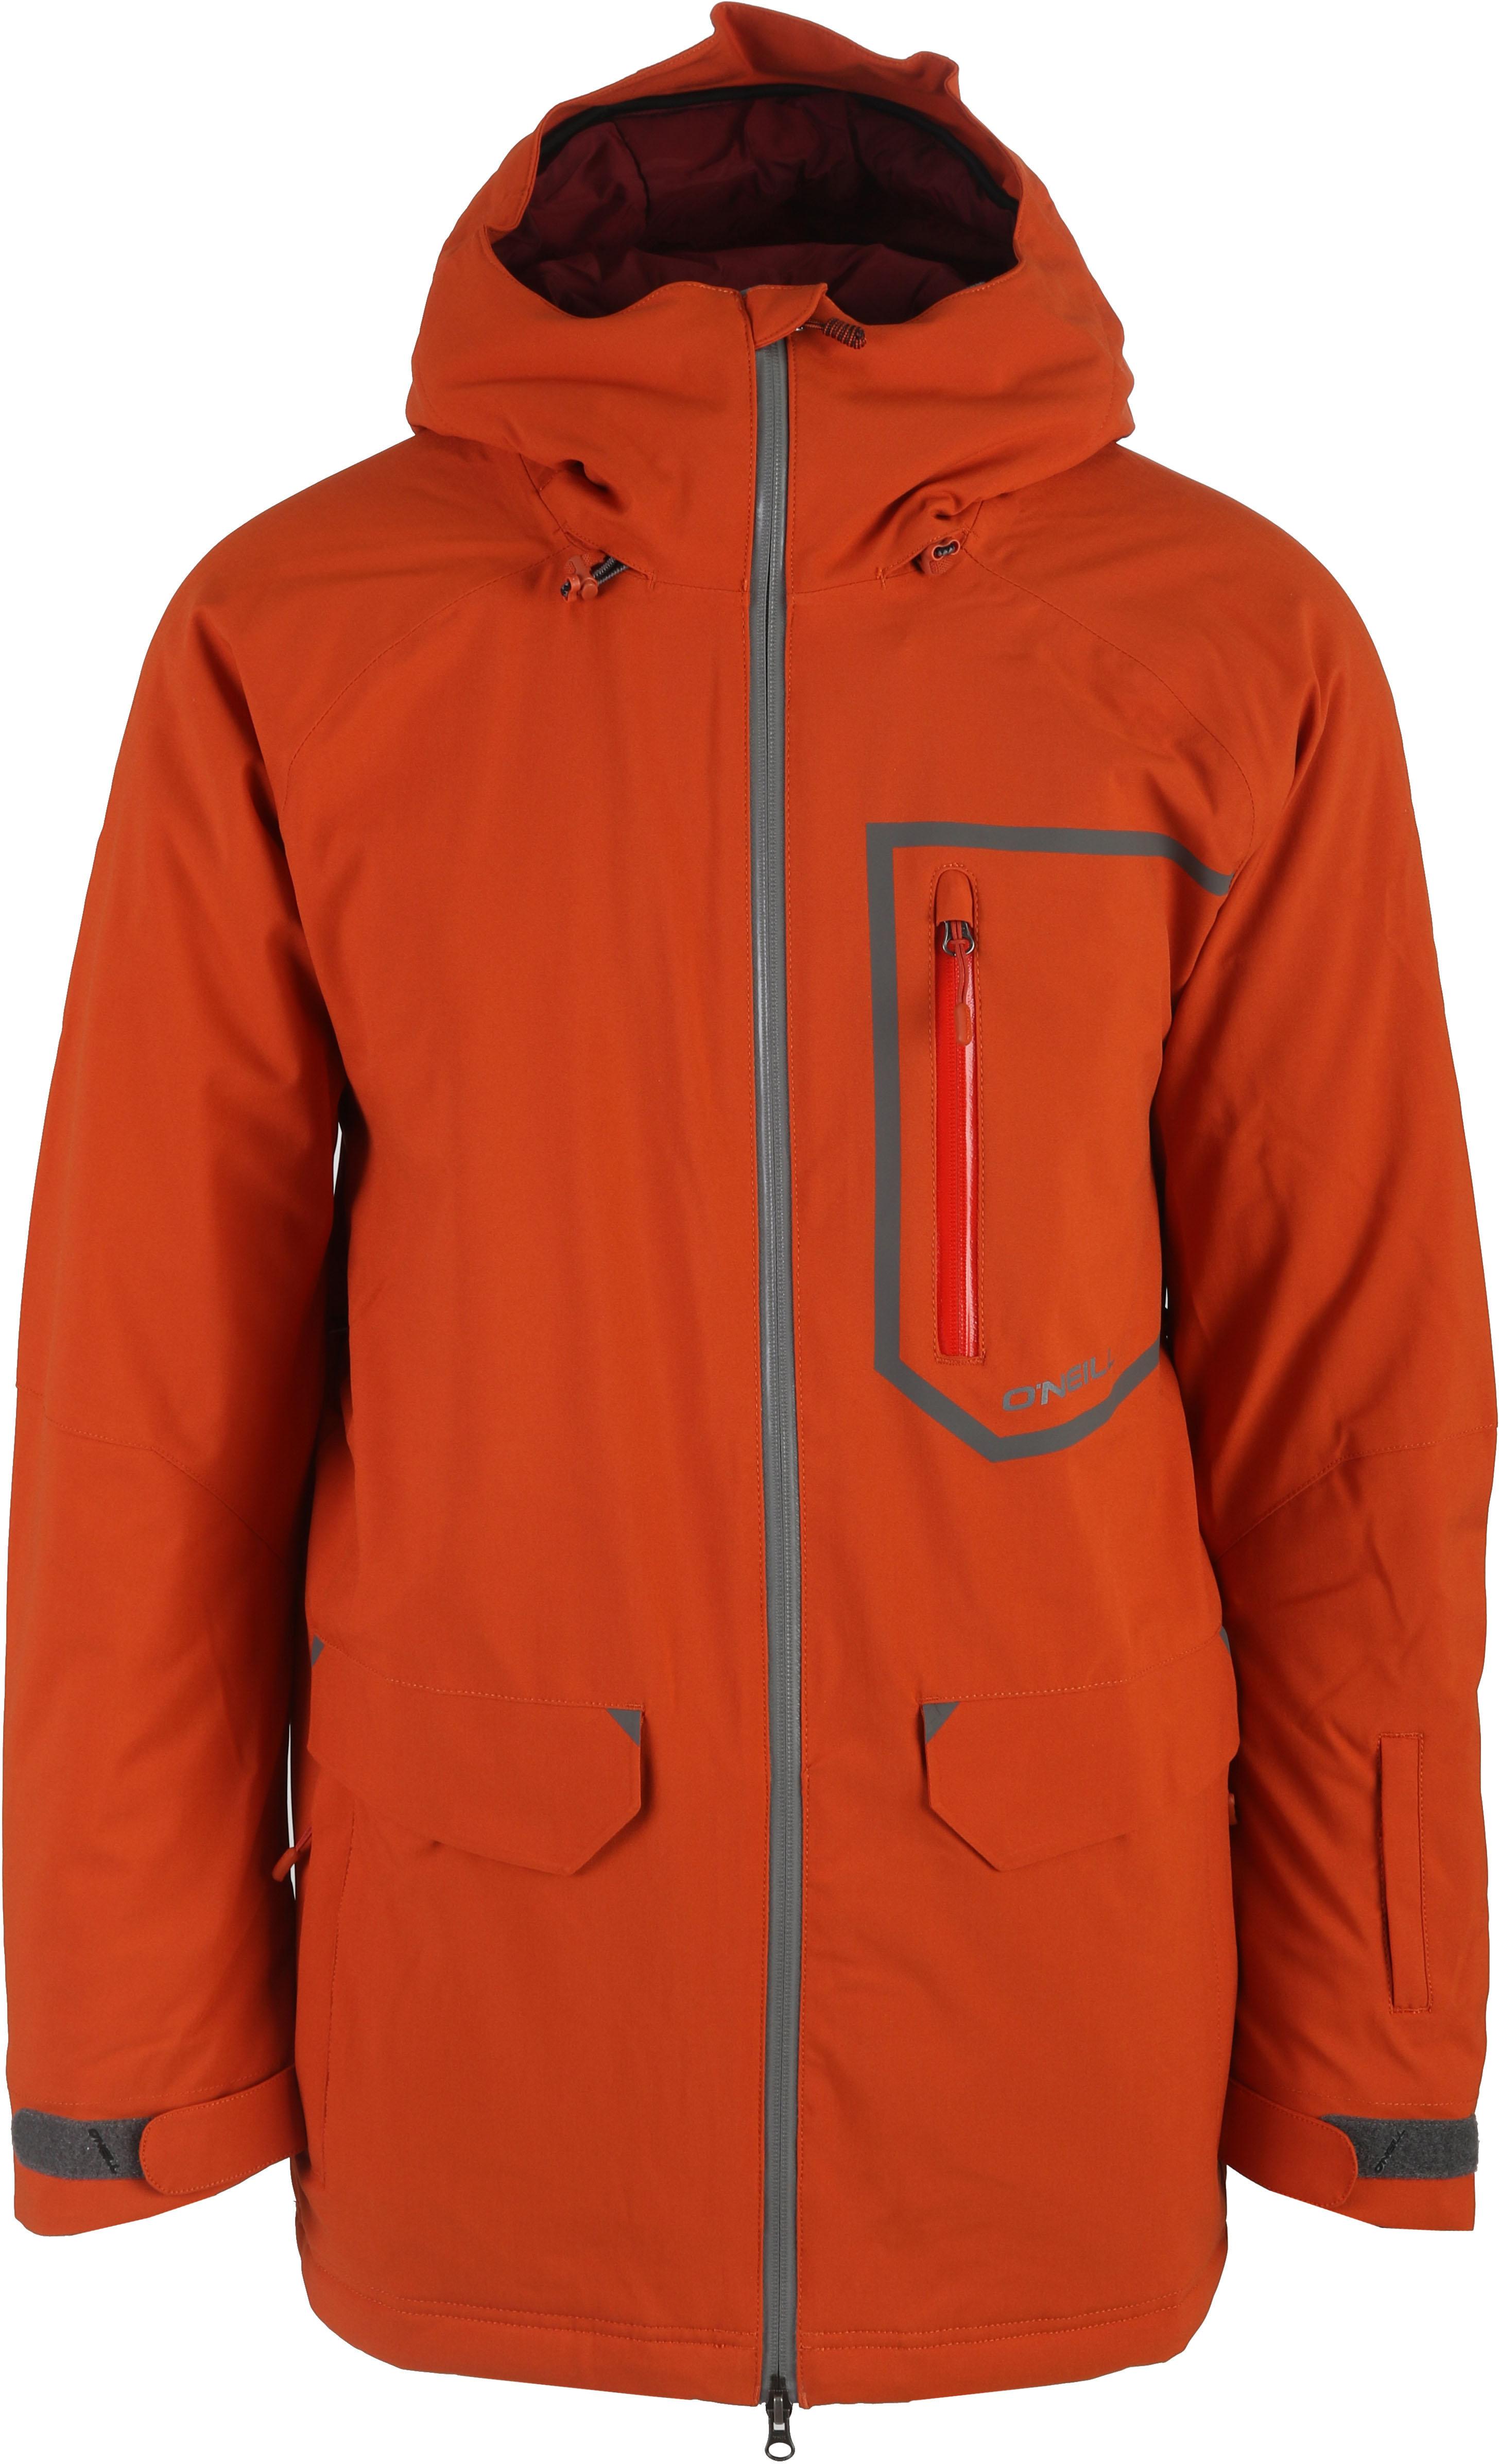 image oneill-heat-ii-jacket-jpg